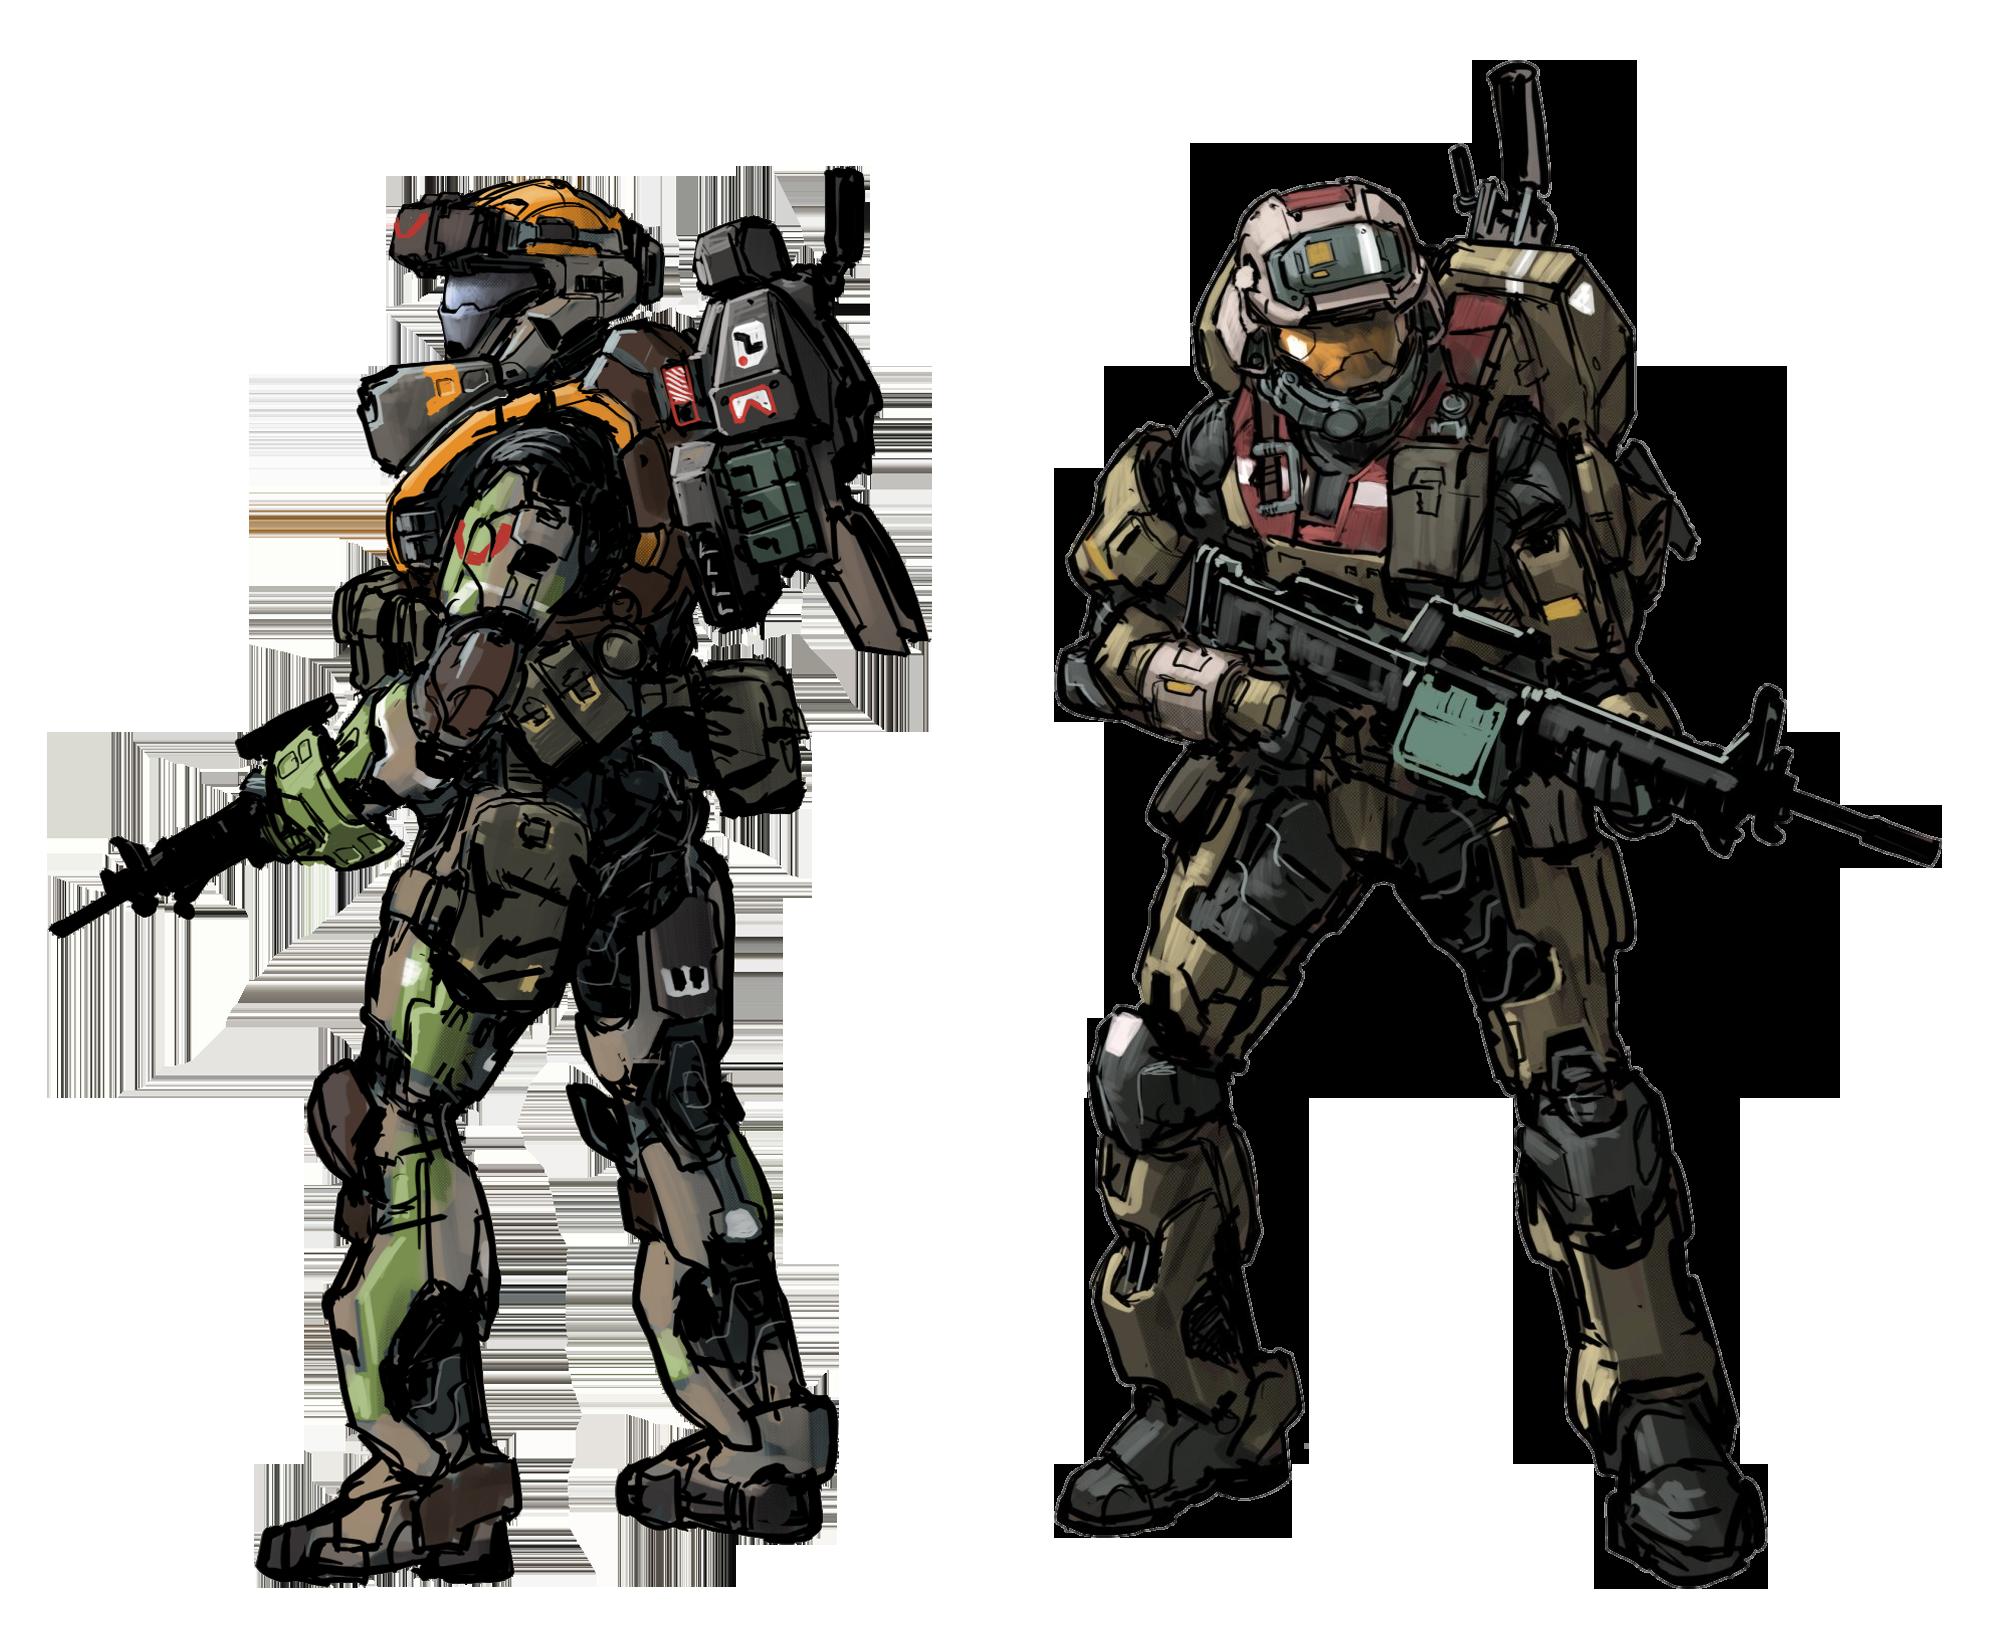 Halo Reach Mjolnir Heavy Armor Halo Reach Armor Halo Spartan